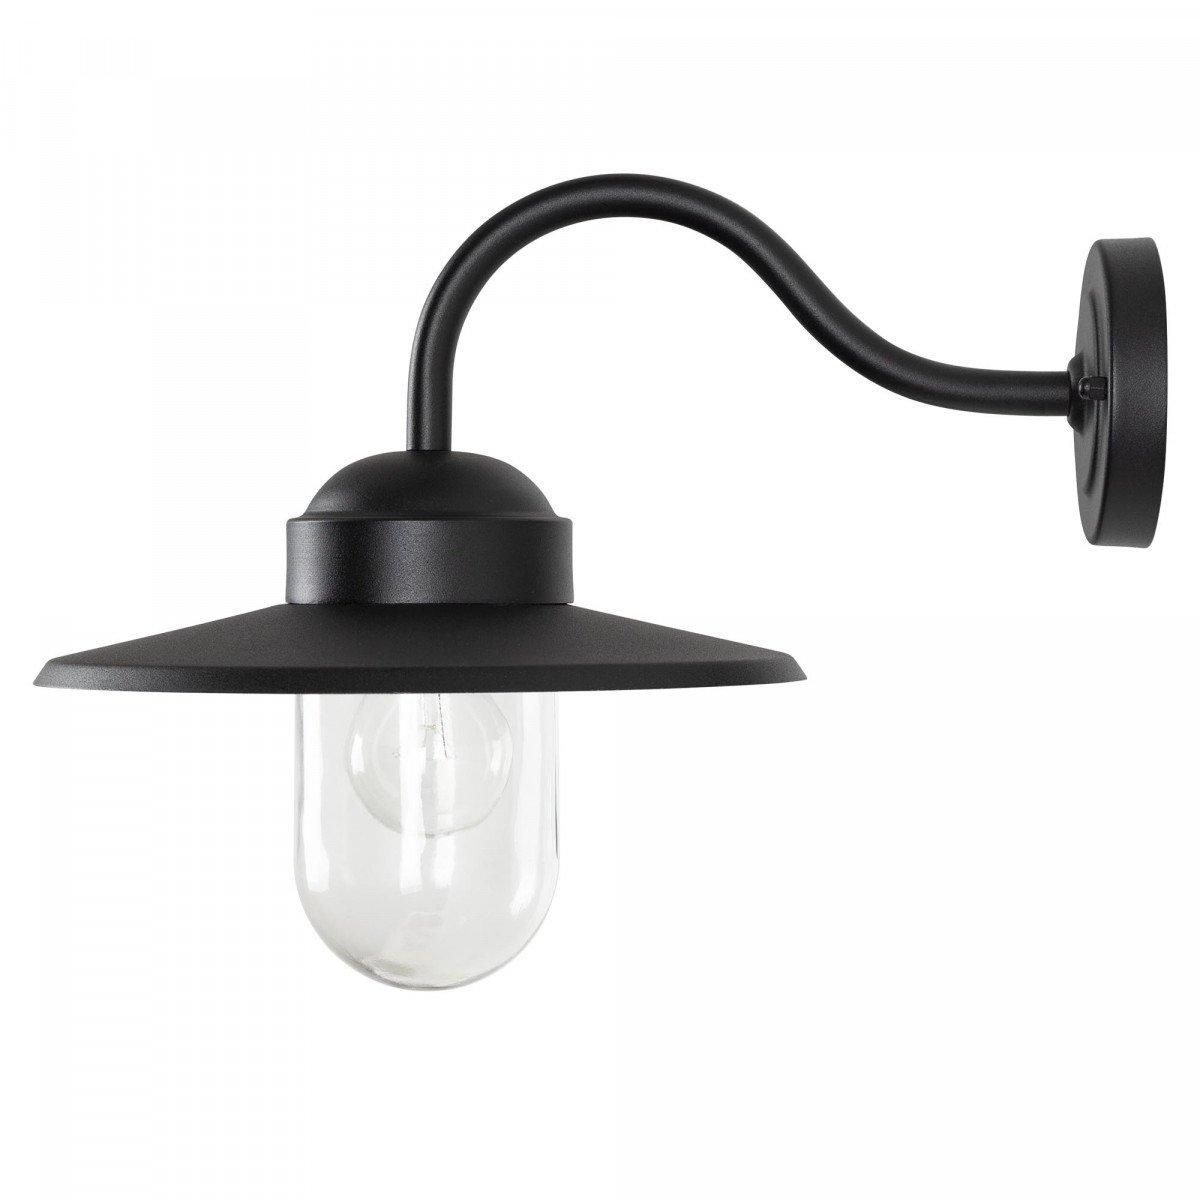 buiten verlichting - Dolce Retro Zwart wandlamp - Buitenlamp KS Verlichting